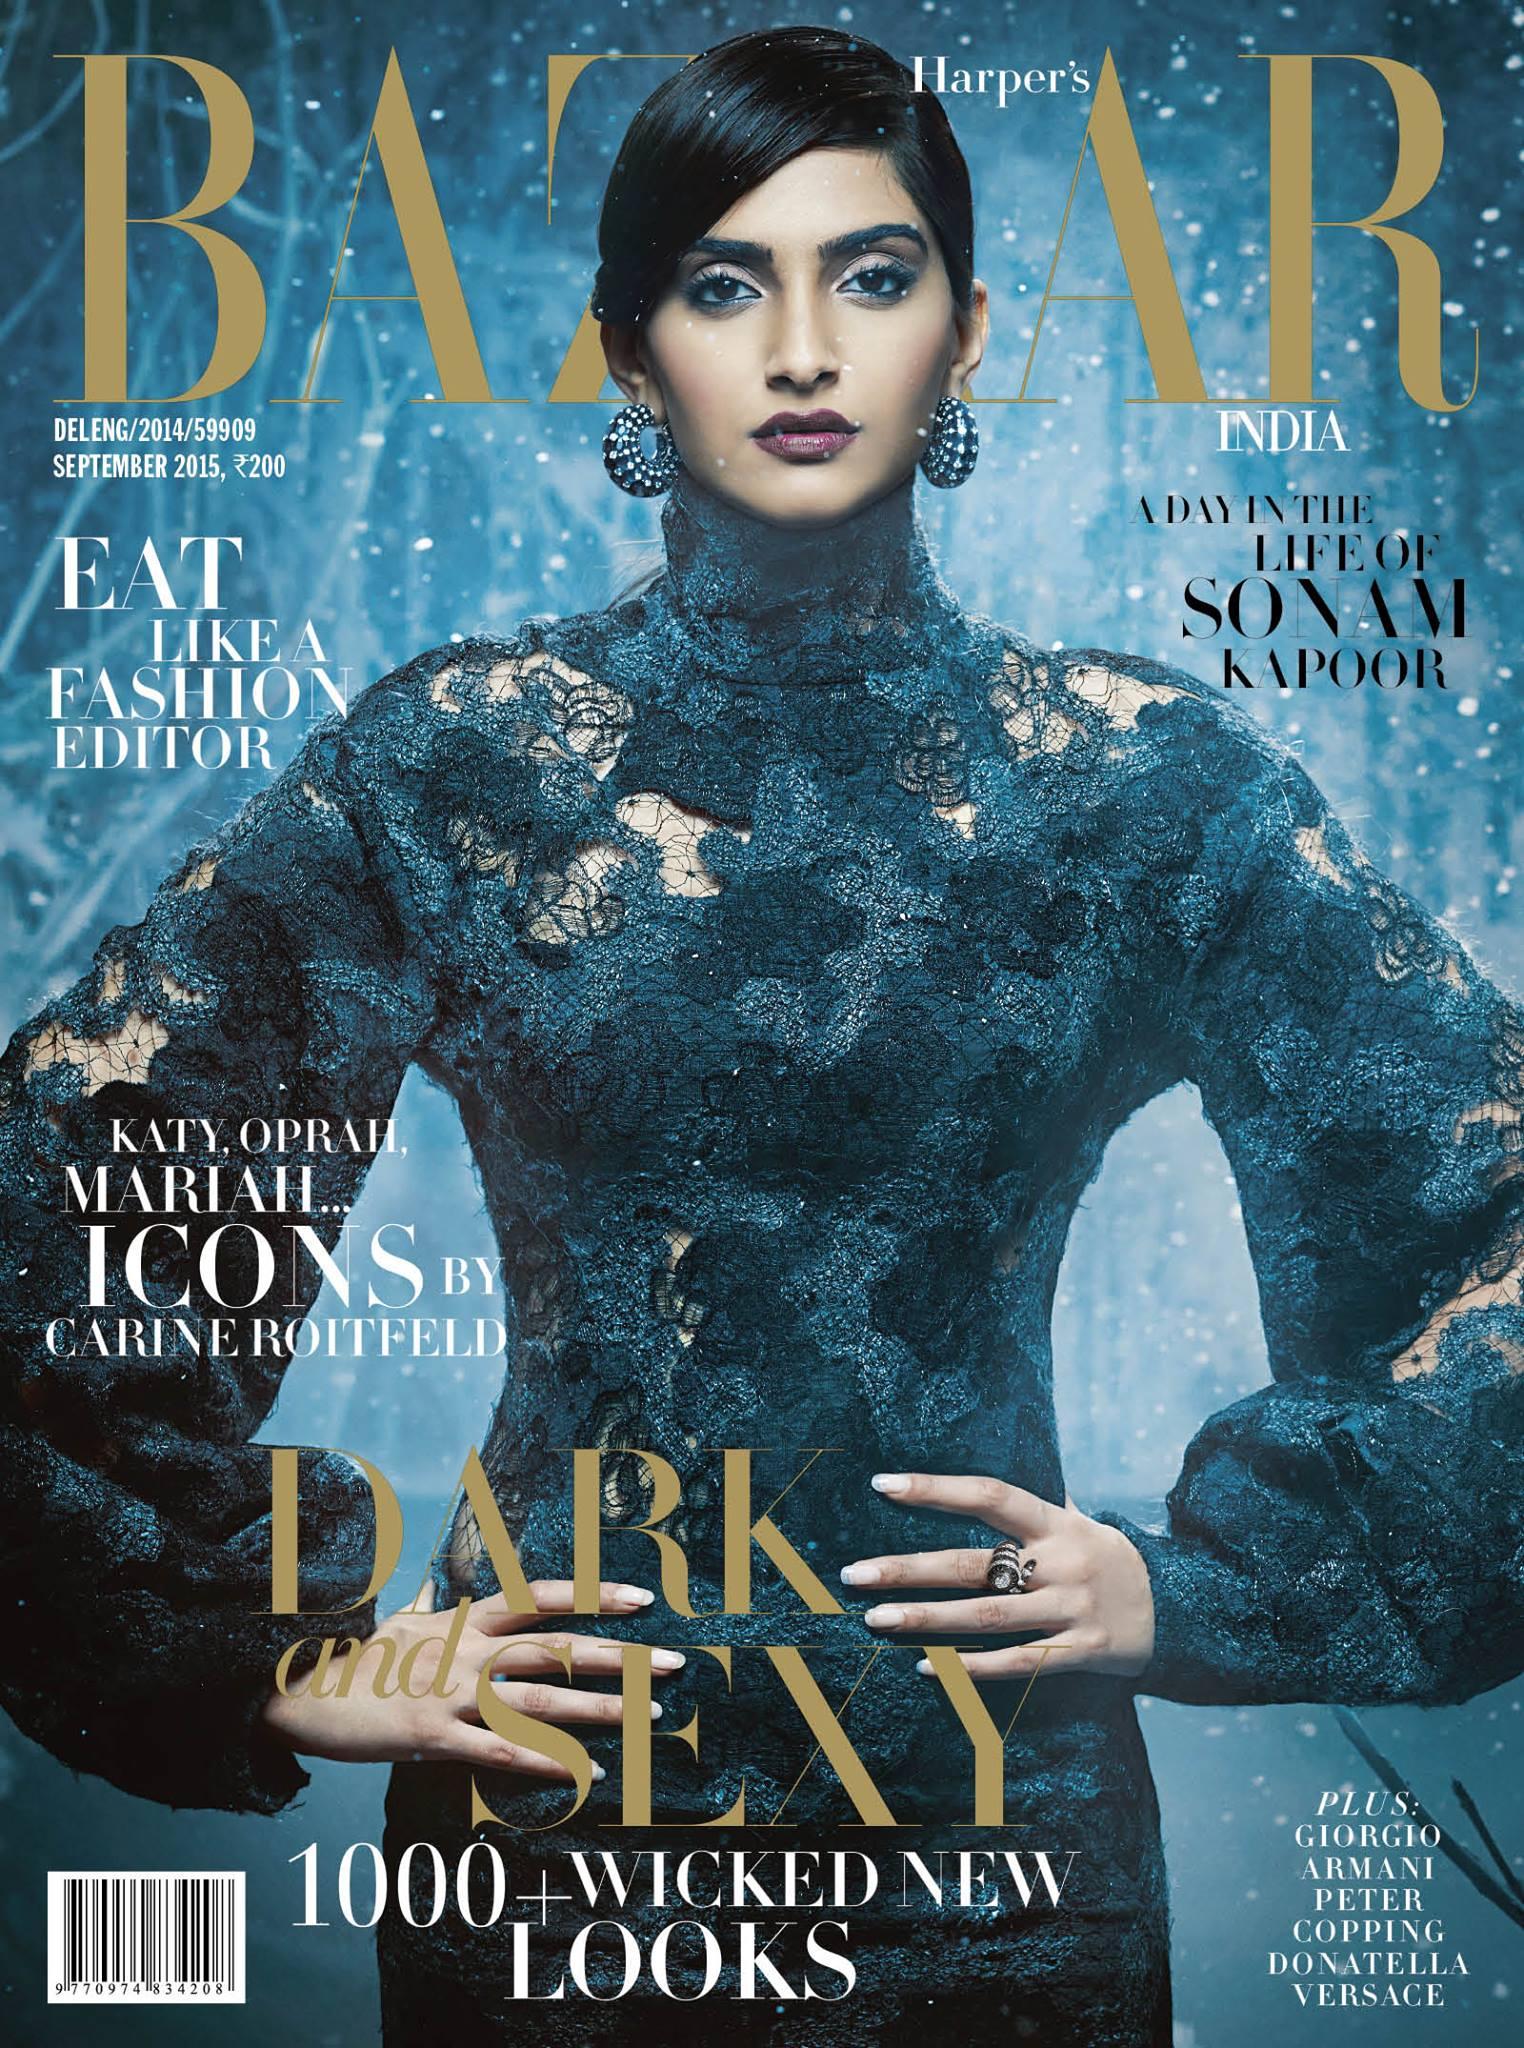 Sonam Kapoor for Harper's Bazaar - September 2015